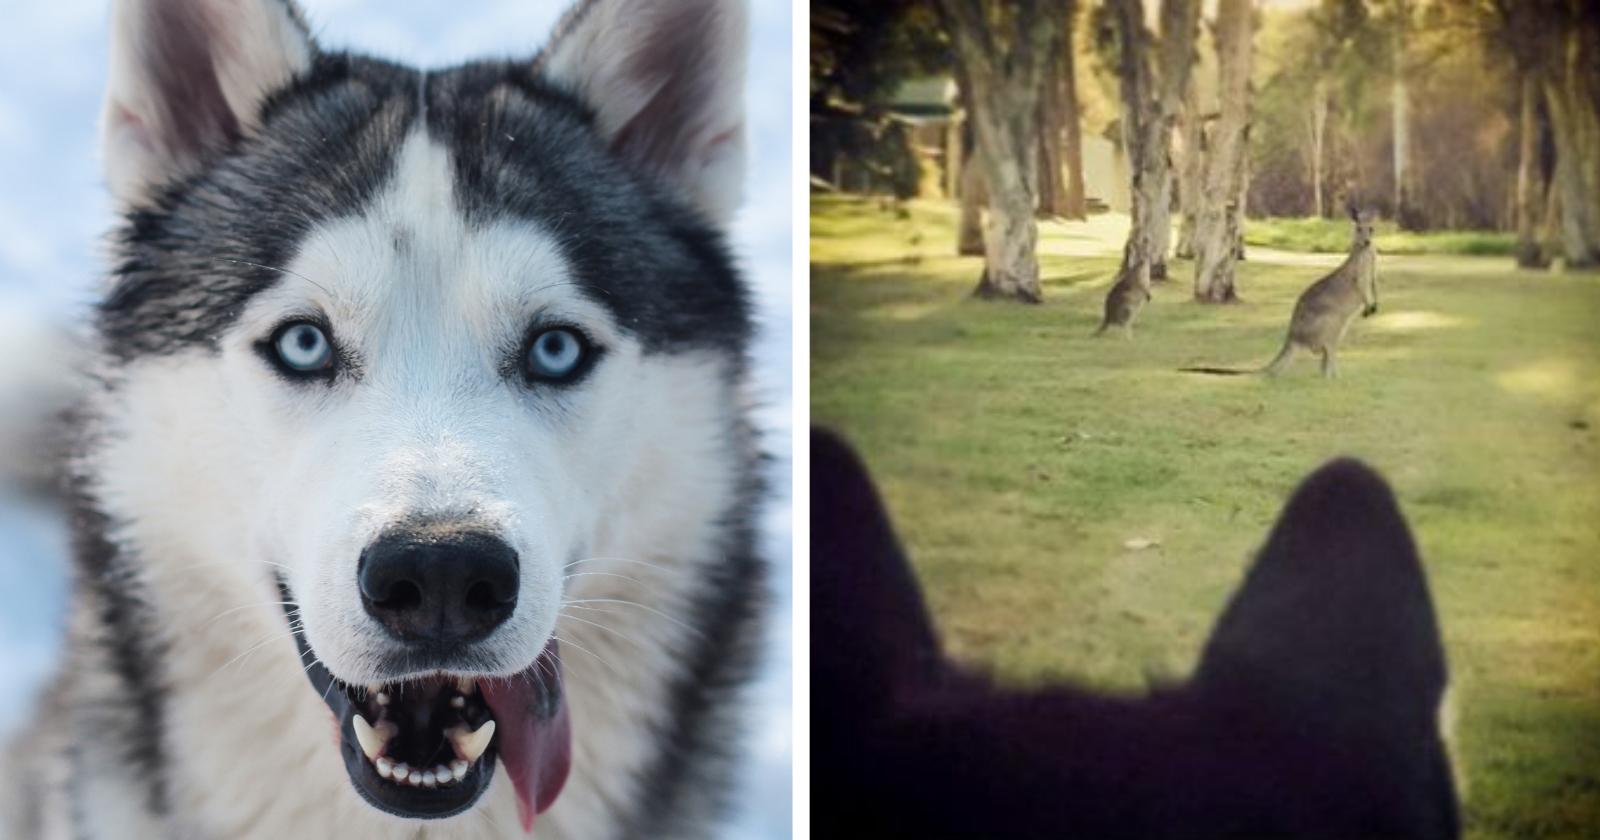 reacao-de-husky-siberiano-ao-ver-um-canguru-pela-primeira-vez-e-uma-das-imagens-mais-hilarias-ja-vistas